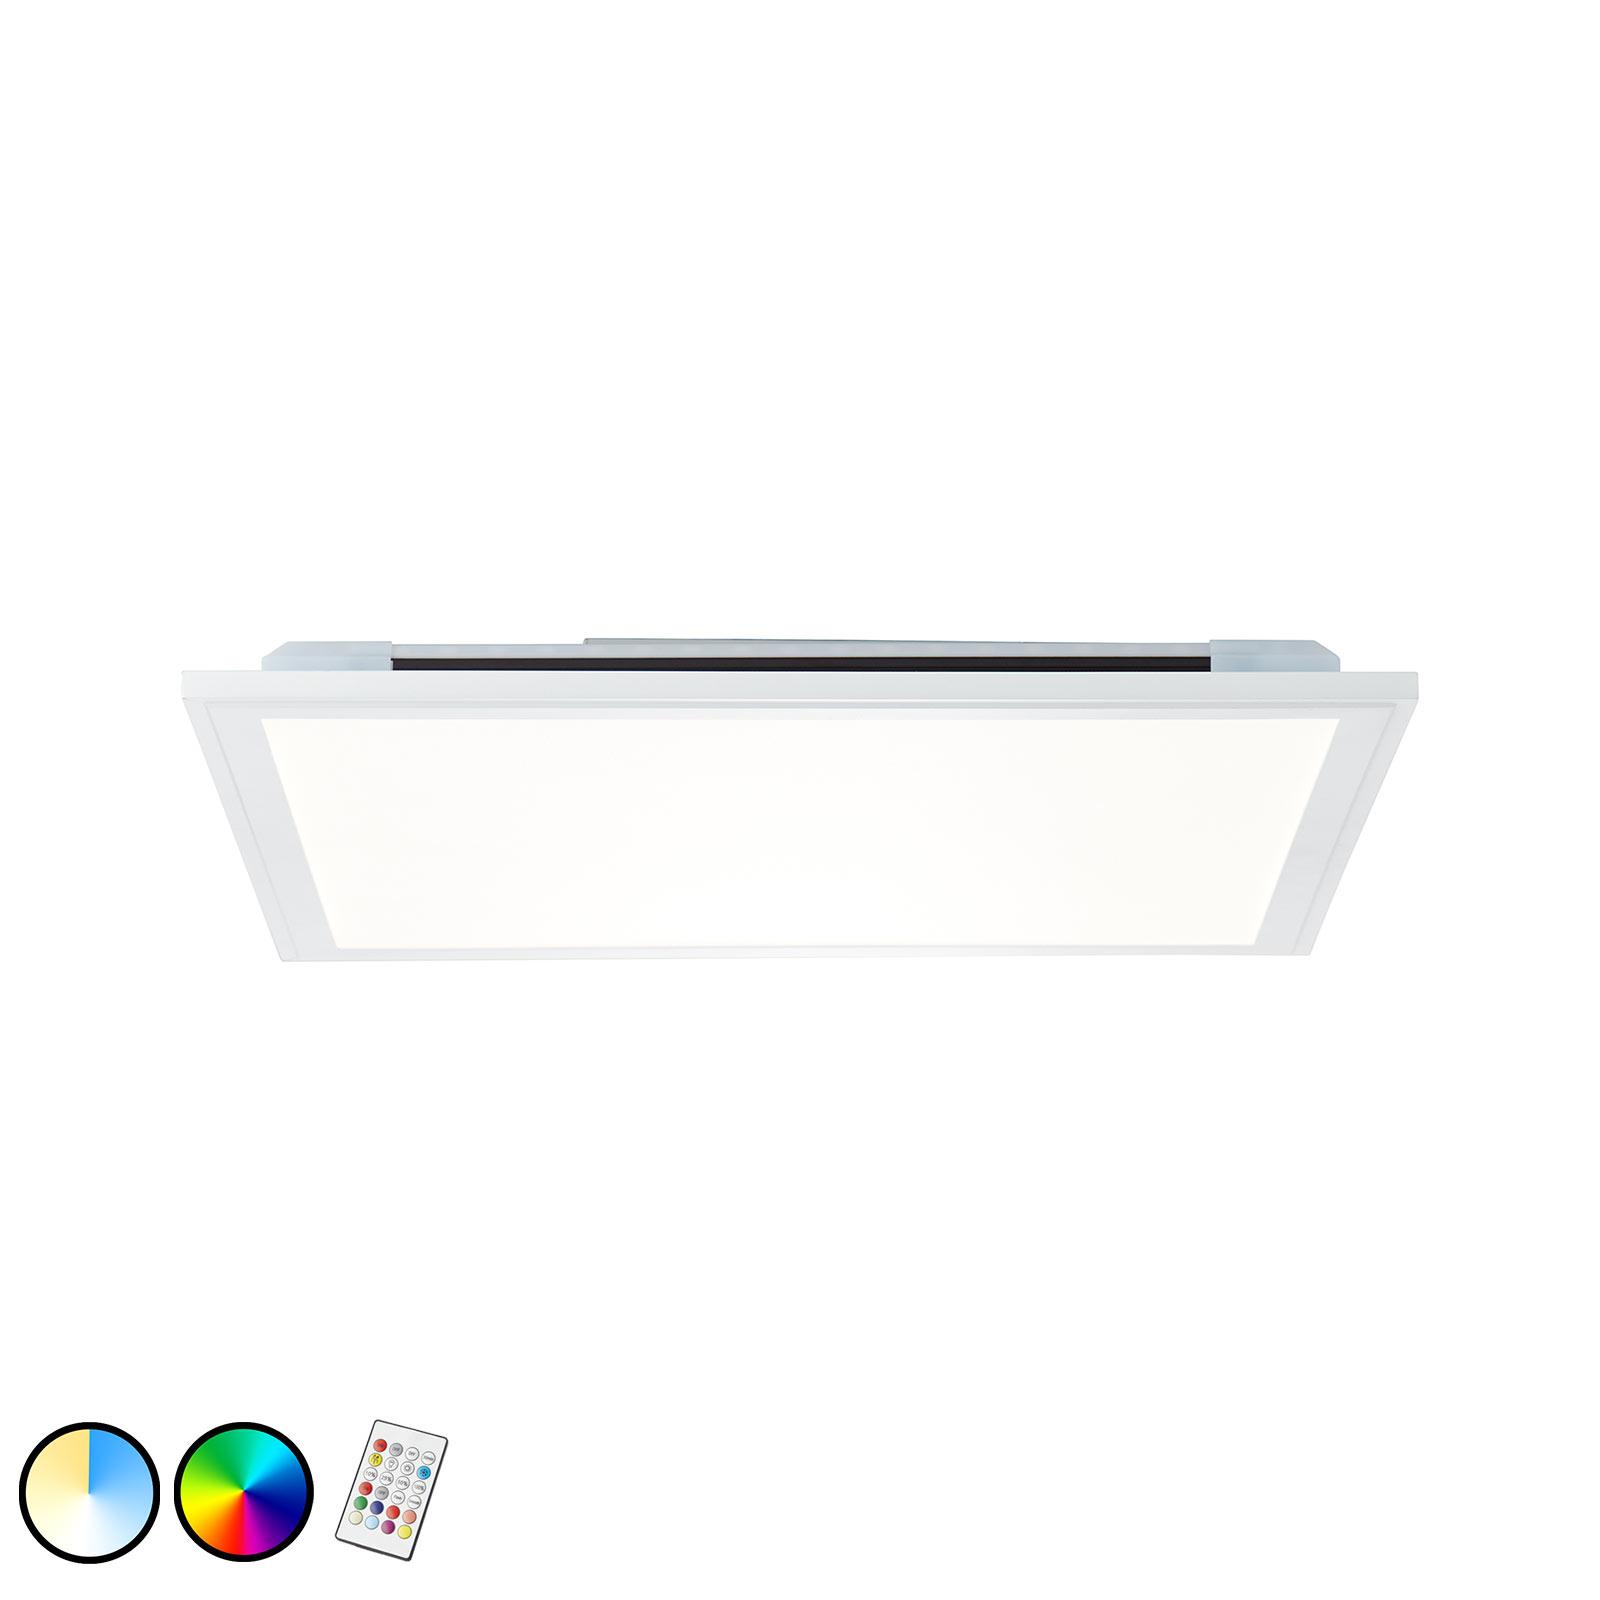 LED-taklampa Allie, 40 x 40 cm